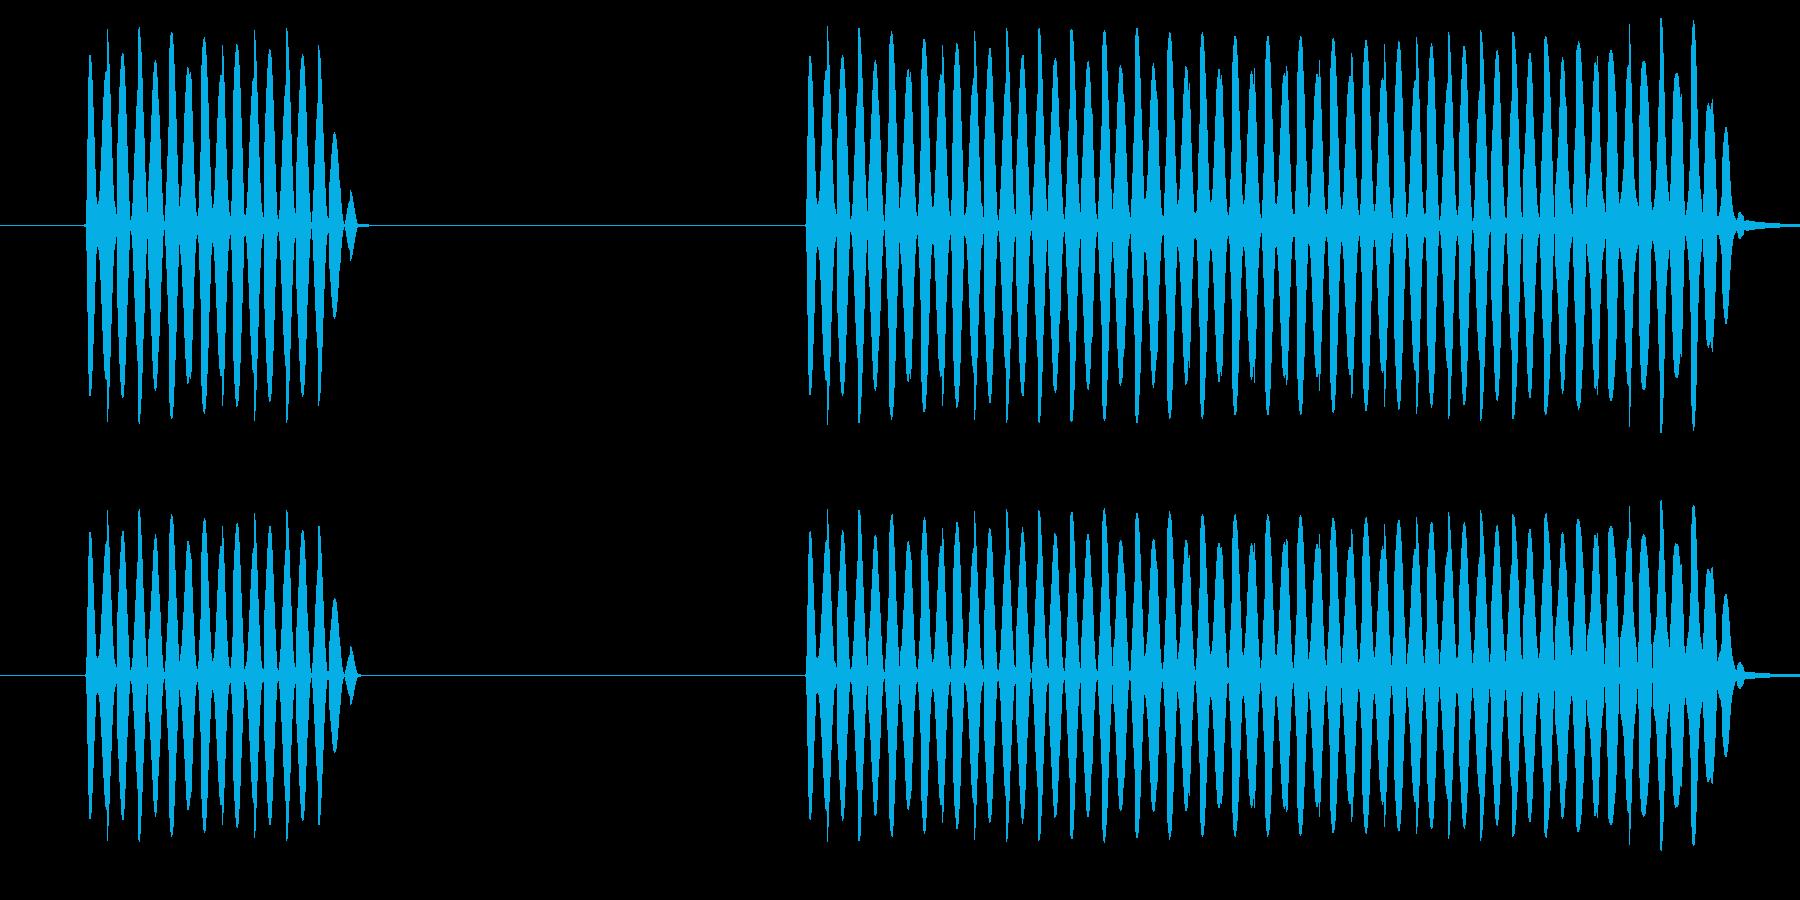 ゲーム、クイズ(ブー音)_006の再生済みの波形